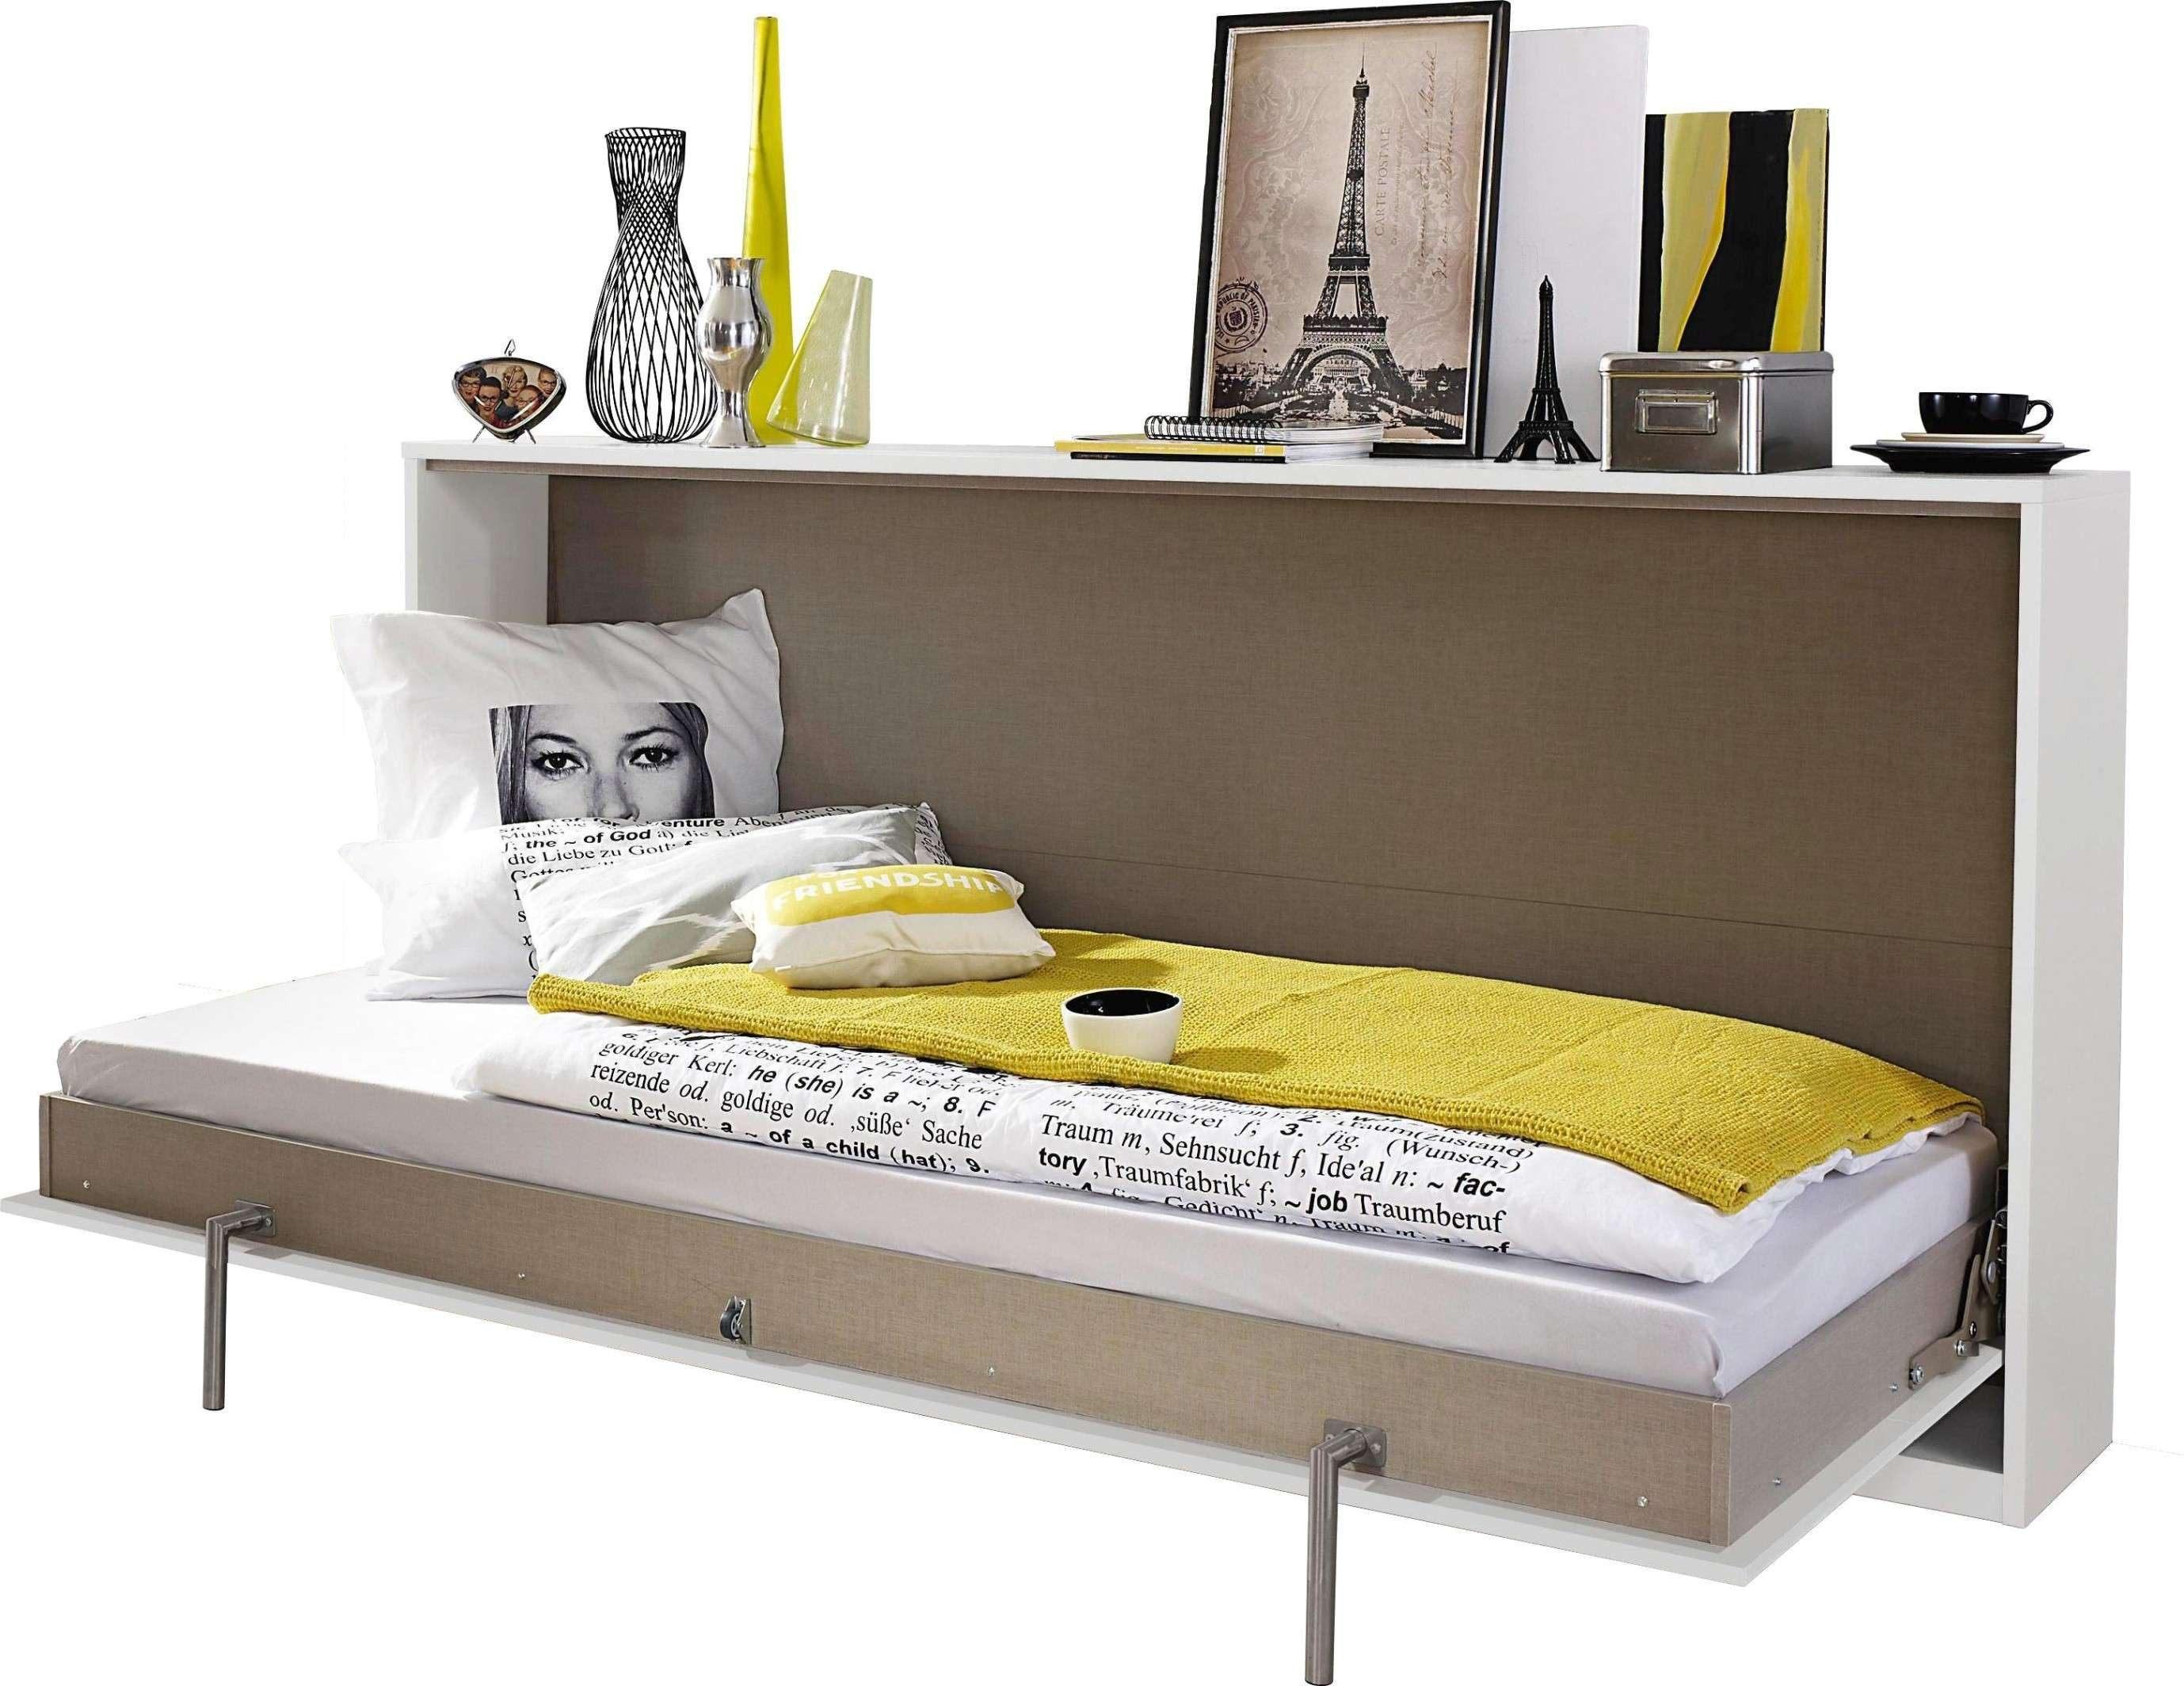 Lit Escamotable Ikea 2 Places Bel Inspirant Lit Armoire 2 Places Inspiration Lit Placard 2 Places